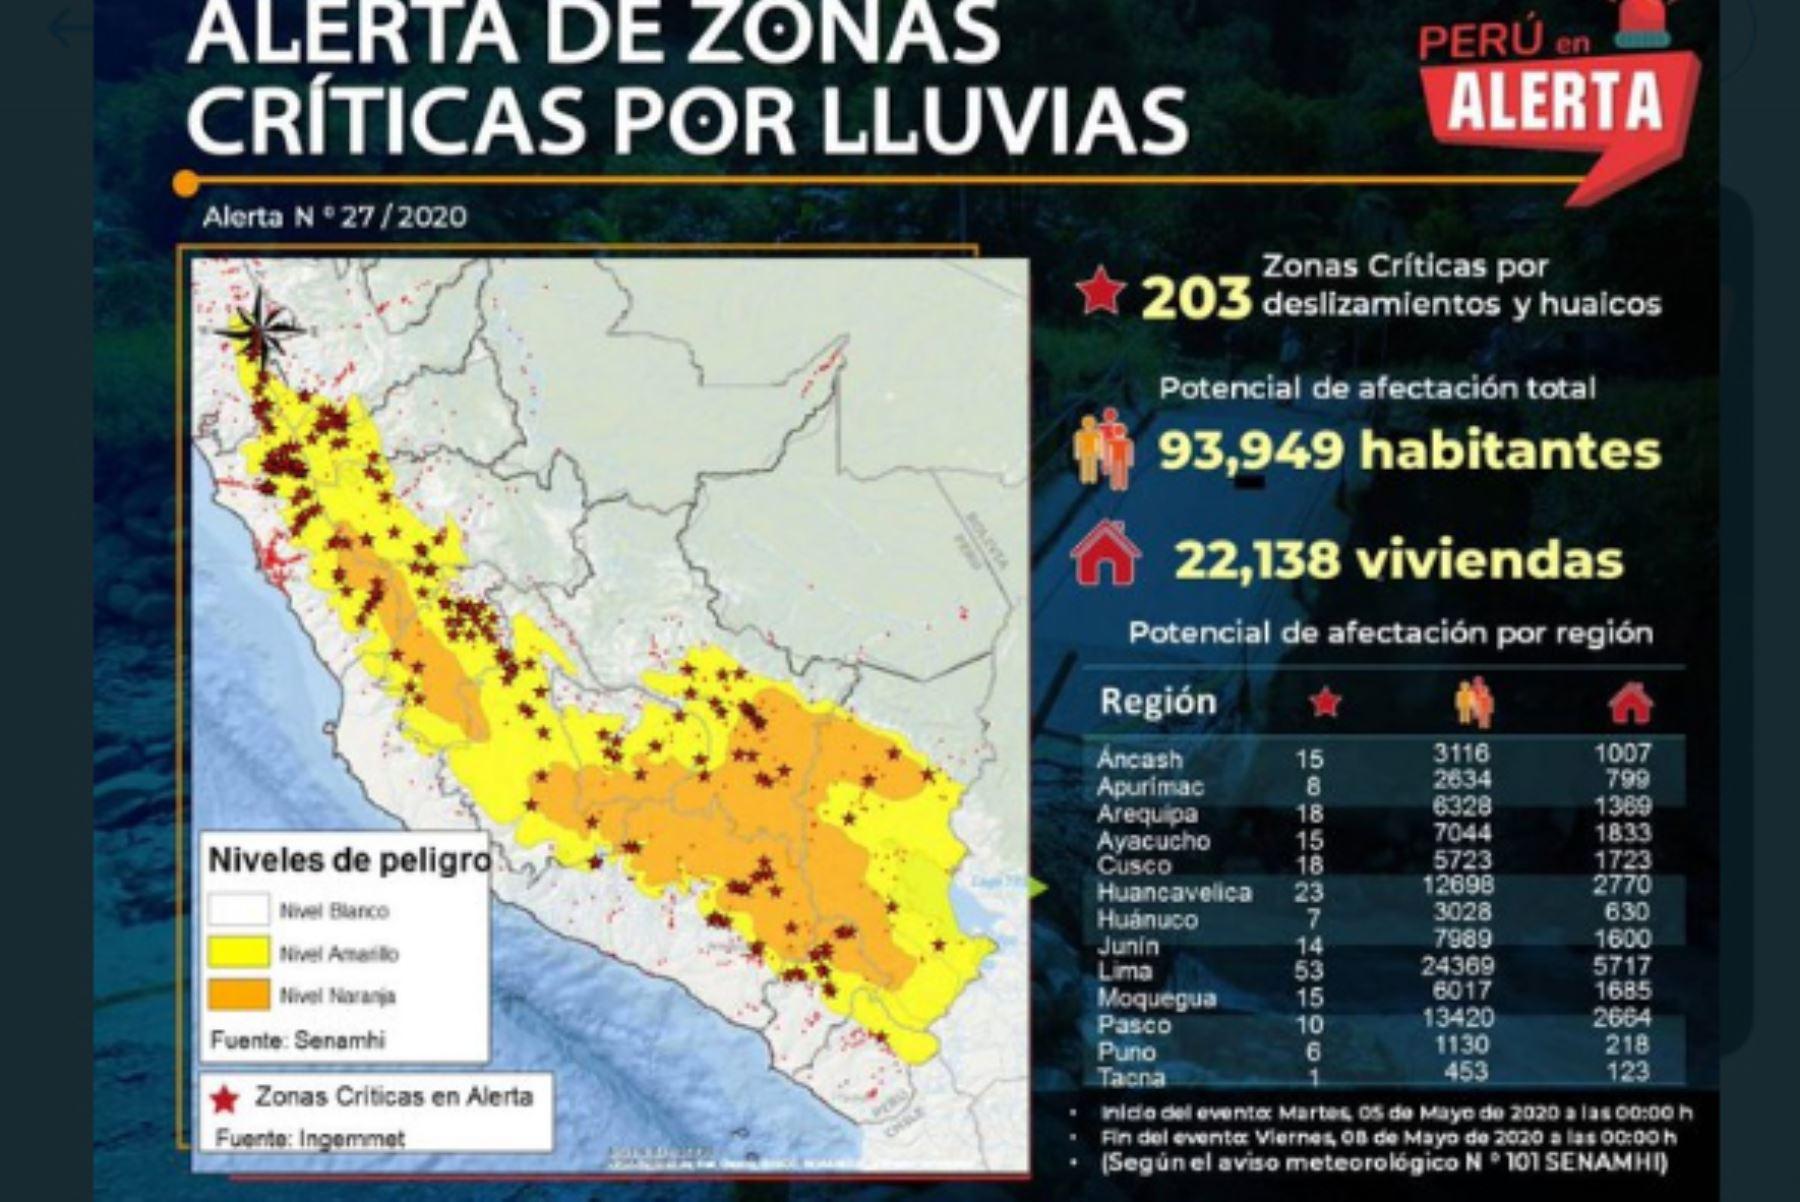 El Ingemmet informó que hay 203 zonas críticas en alerta por deslizamientos y huaicos, debido a lluvias en la Sierra. Foto: ANDINA/Difusión